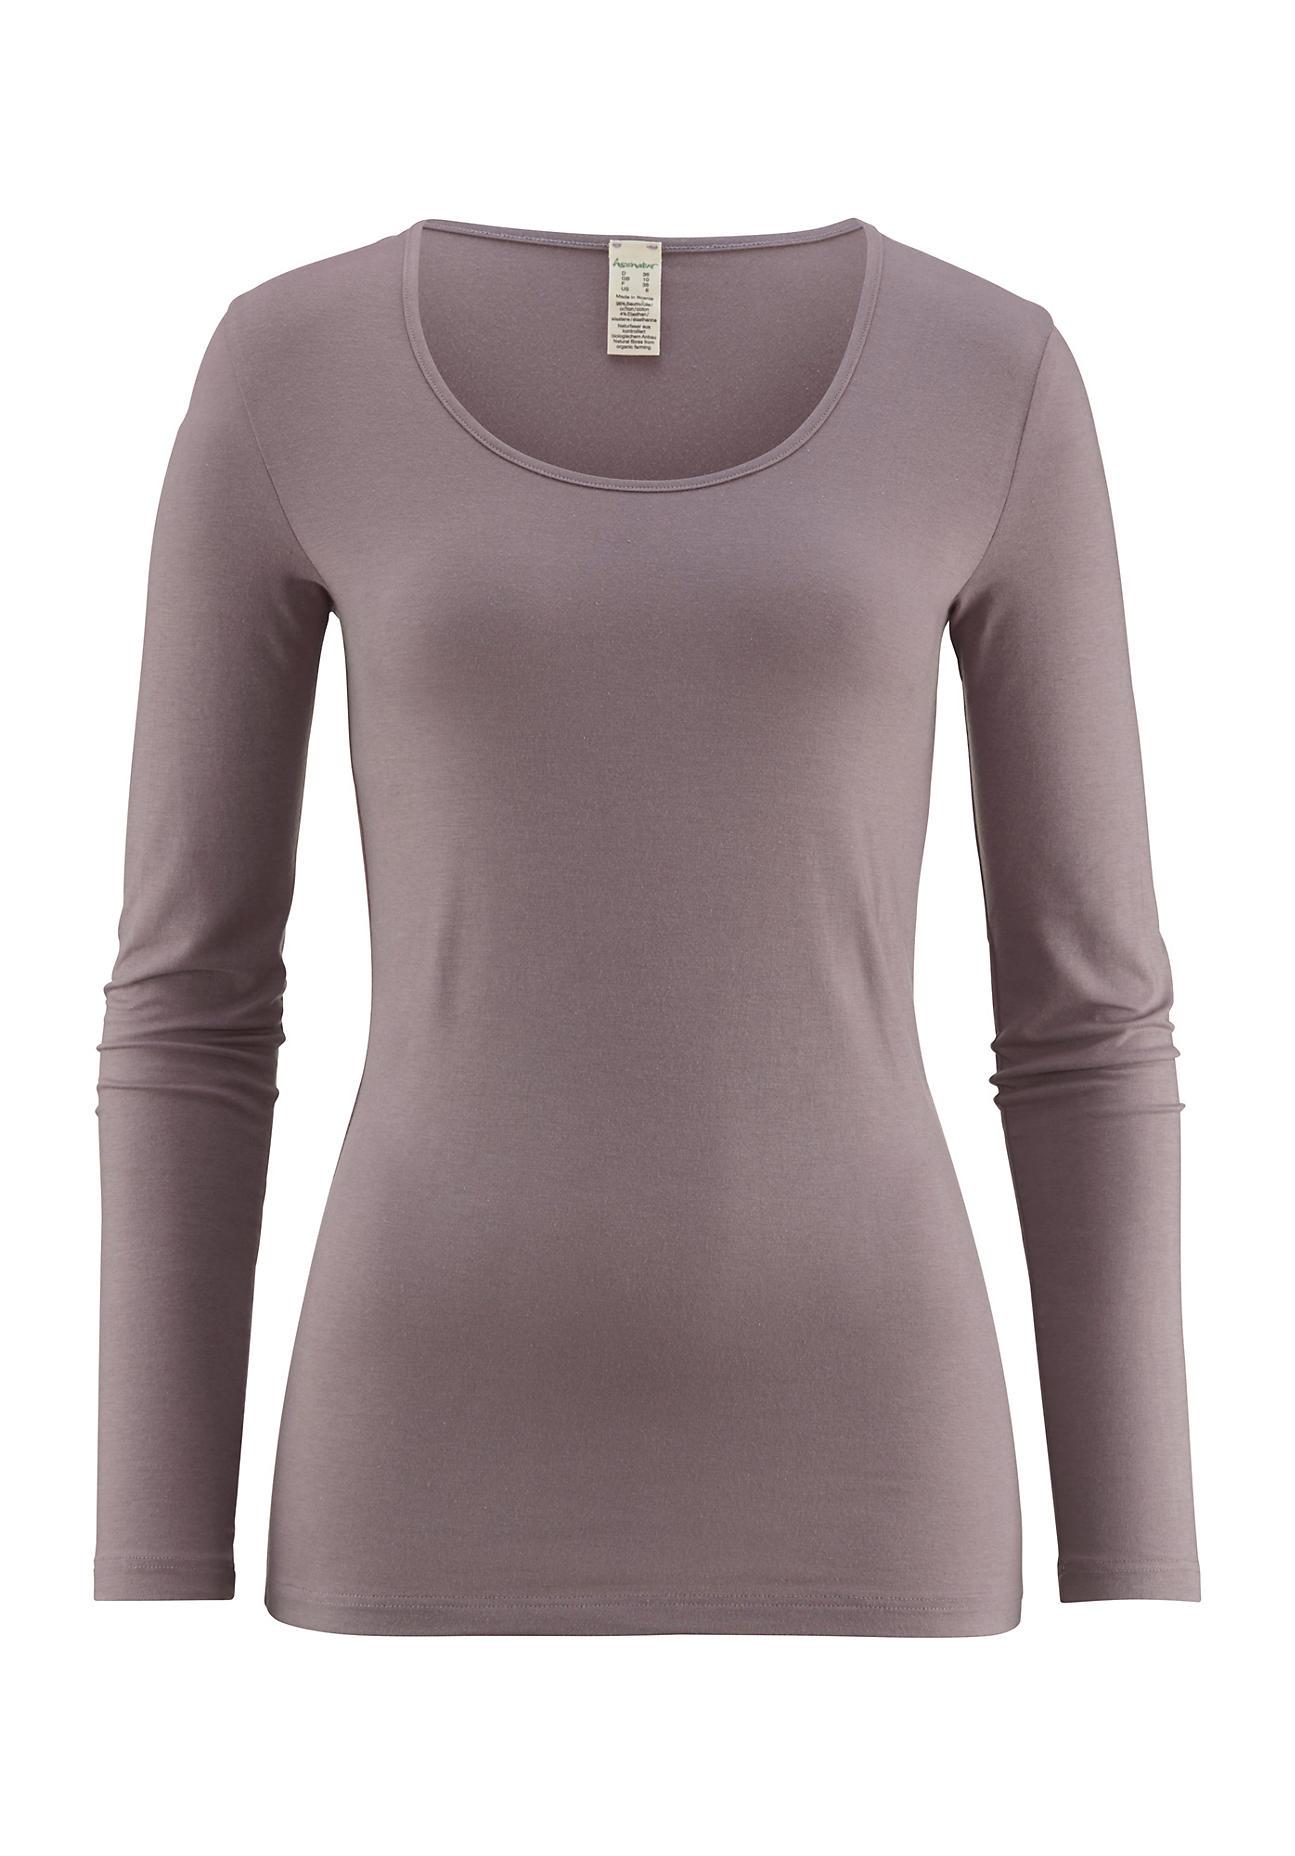 hessnatur Damen Damen Langarm Shirt aus Bio Baumwolle und Modal – lila – Größe 38